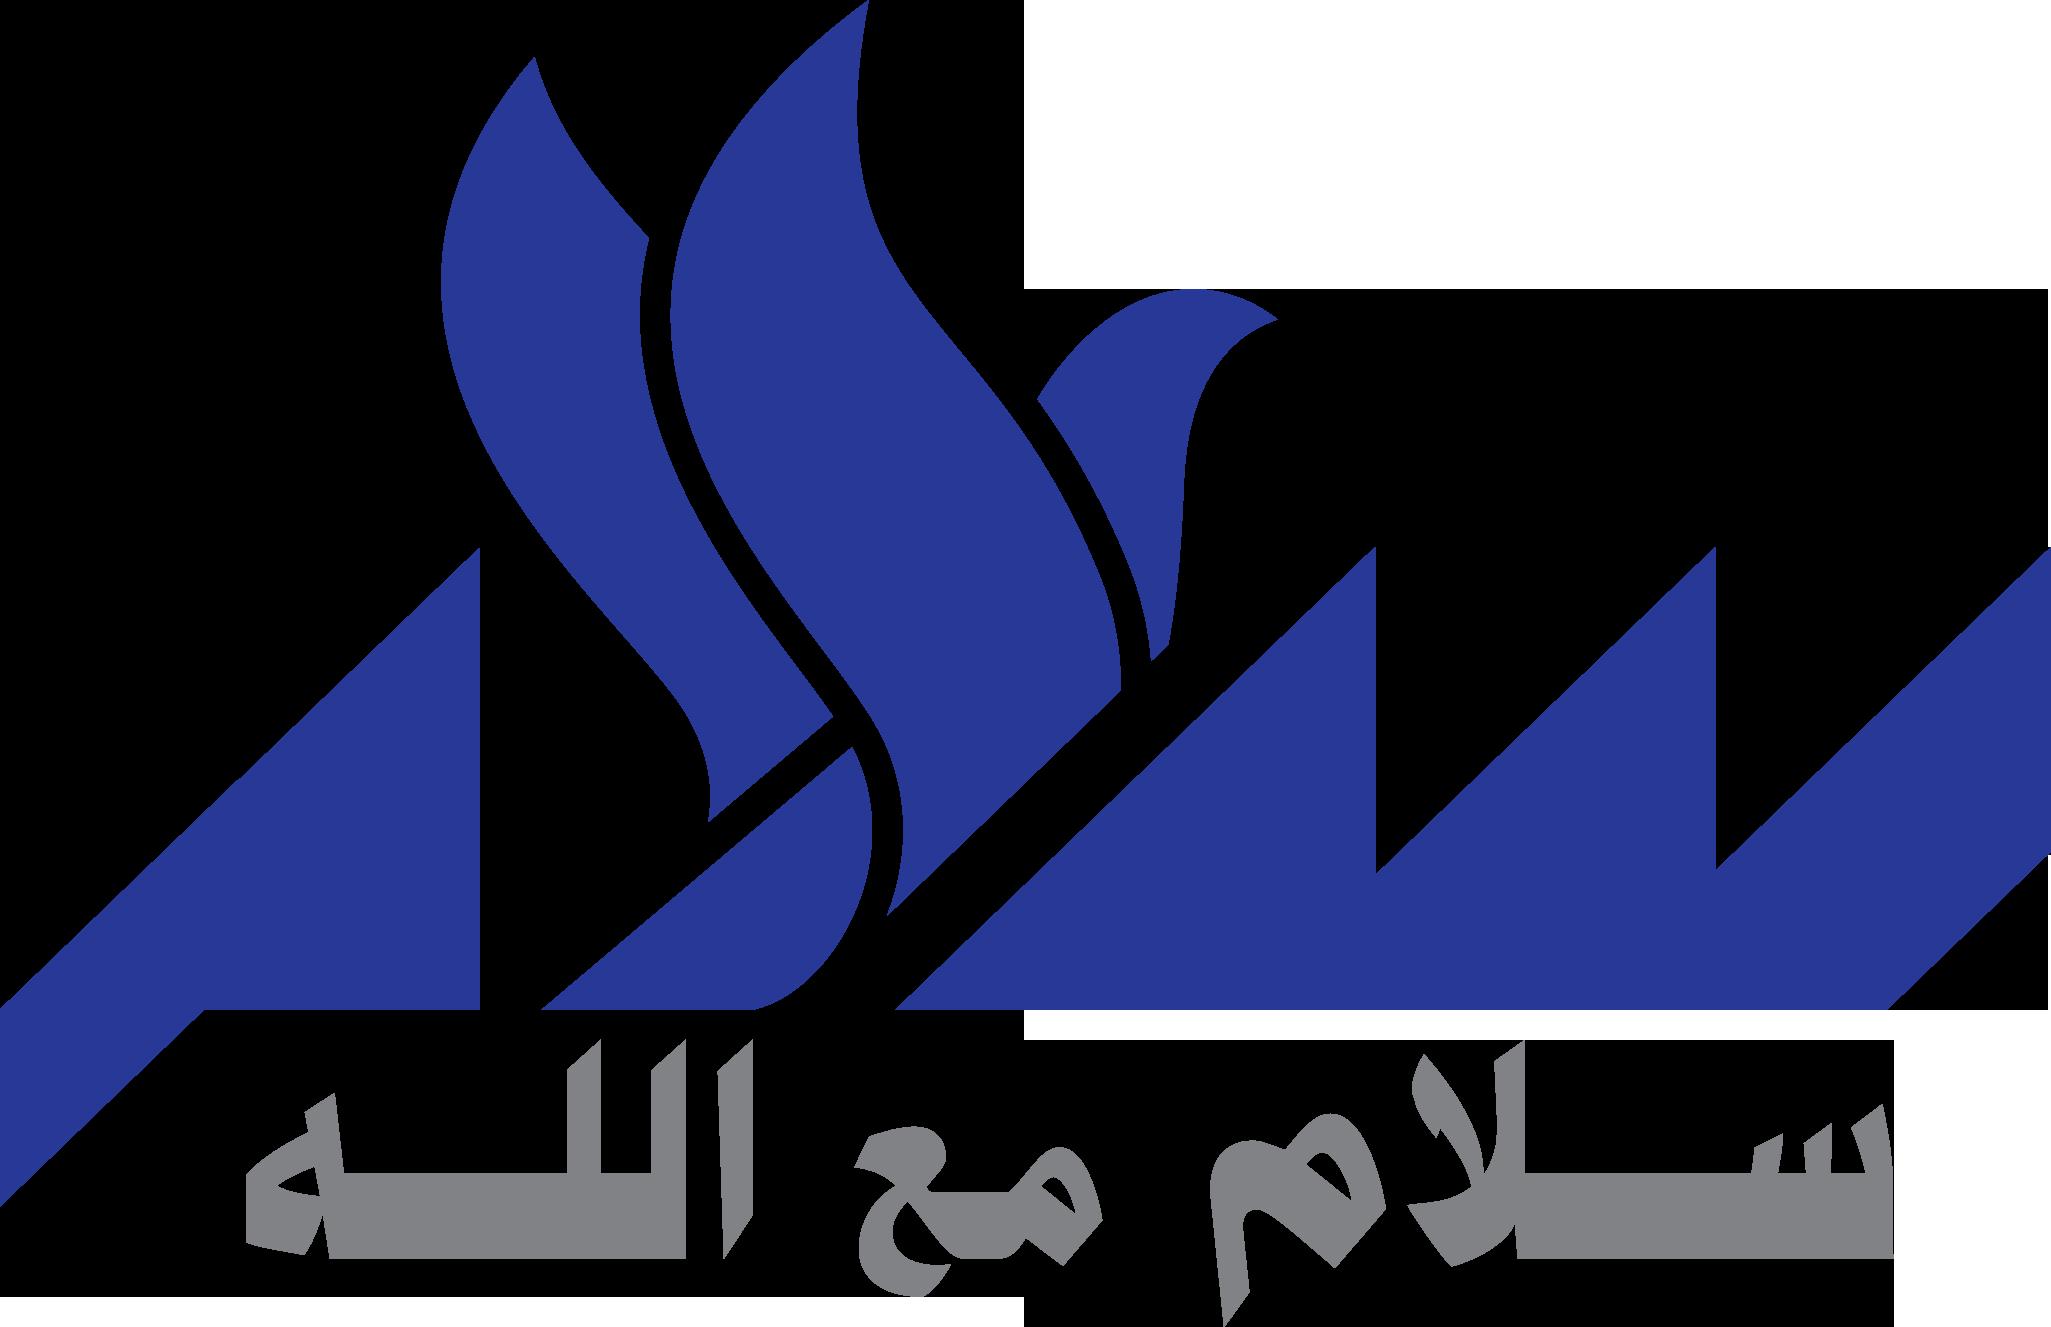 Saalammaallah logo